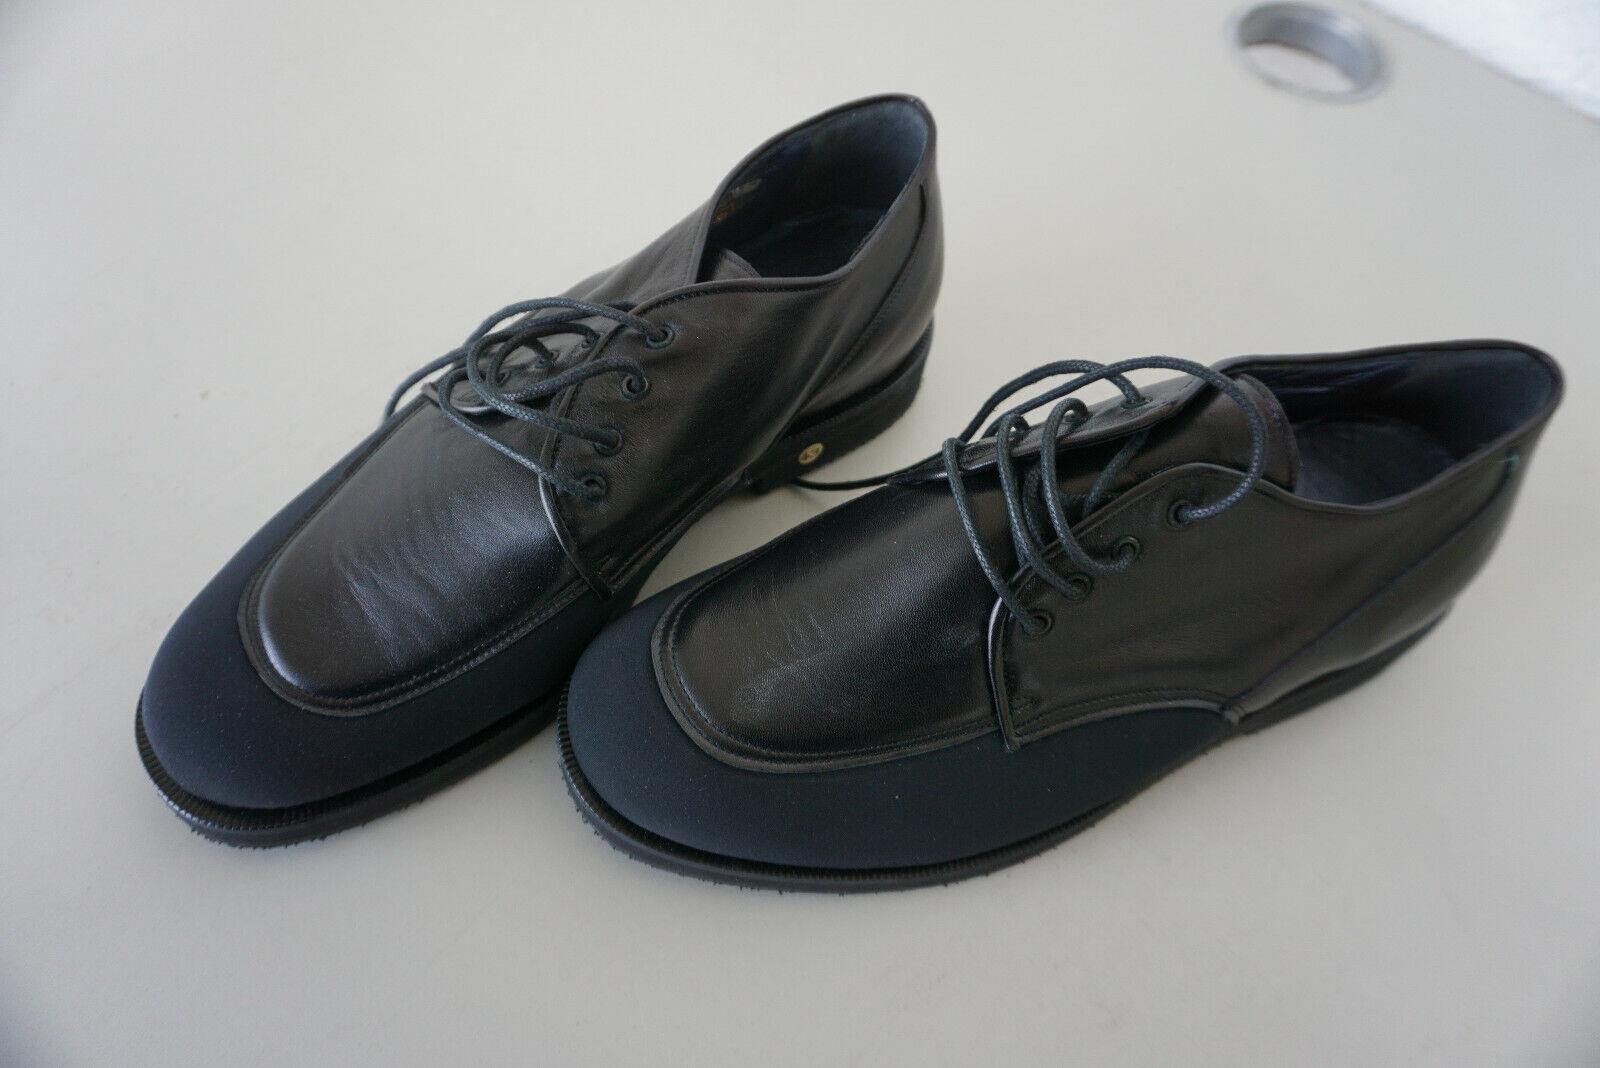 Leichte orthopädische MOLLITER Damen Schnür Schuhe Gr.43 Schwarz Leder NEU